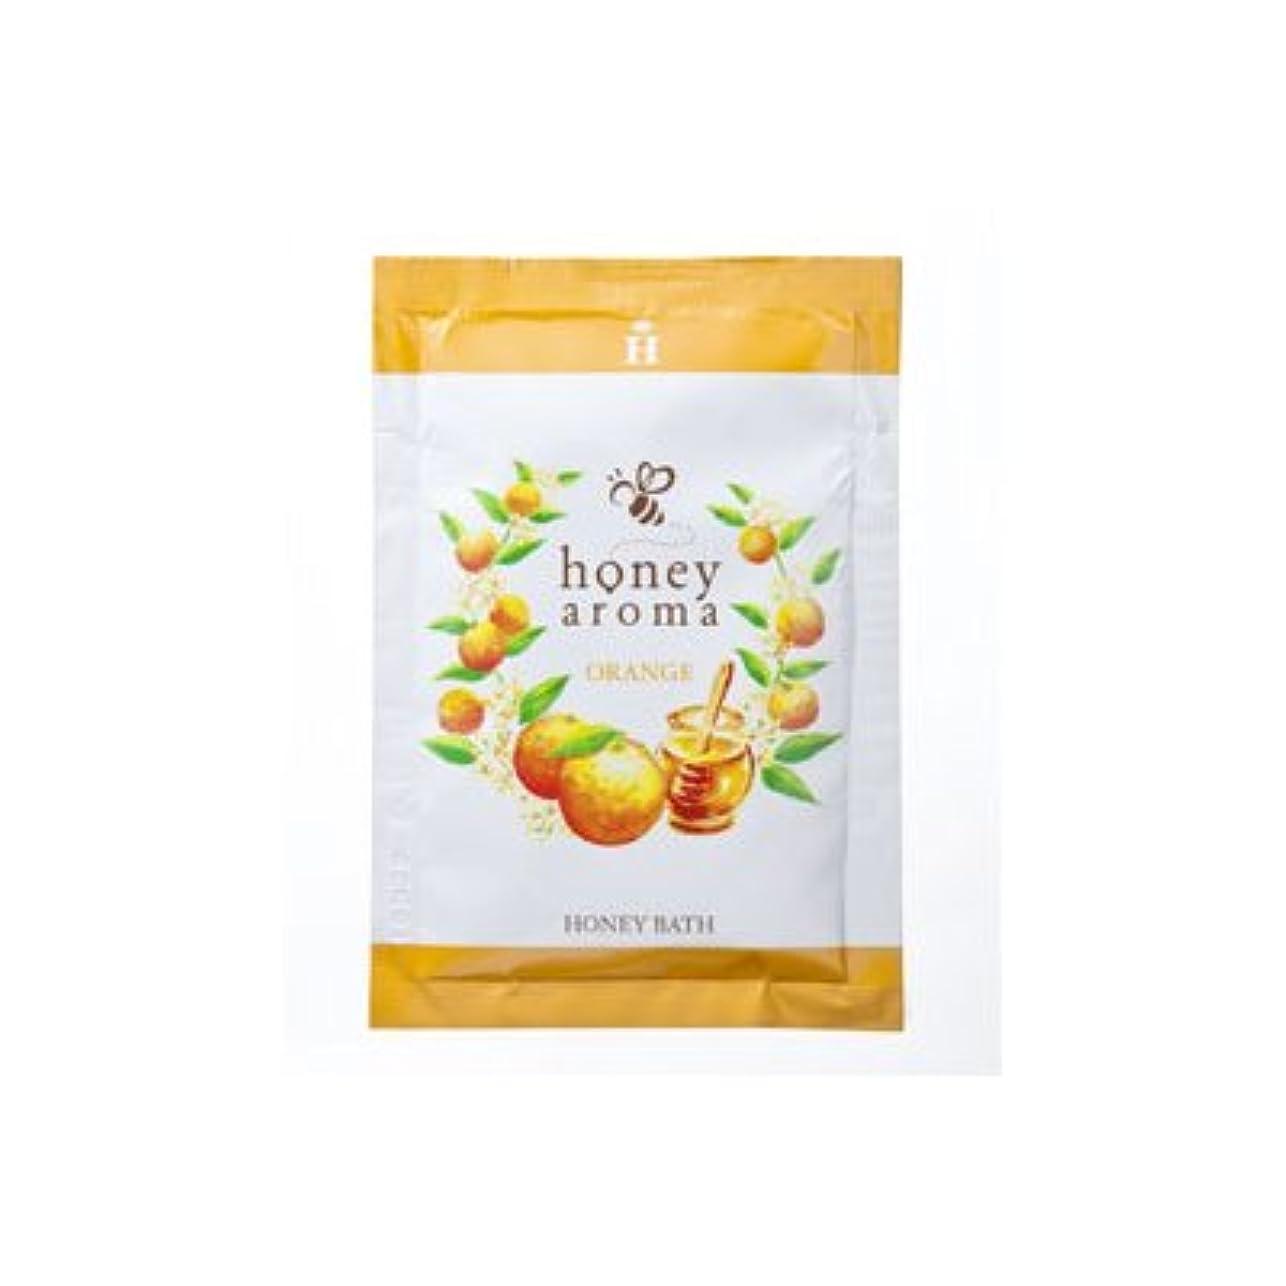 お香マイコン僕のハニーアロマ ハニーバス(入浴剤) 5包(オレンジの香り)